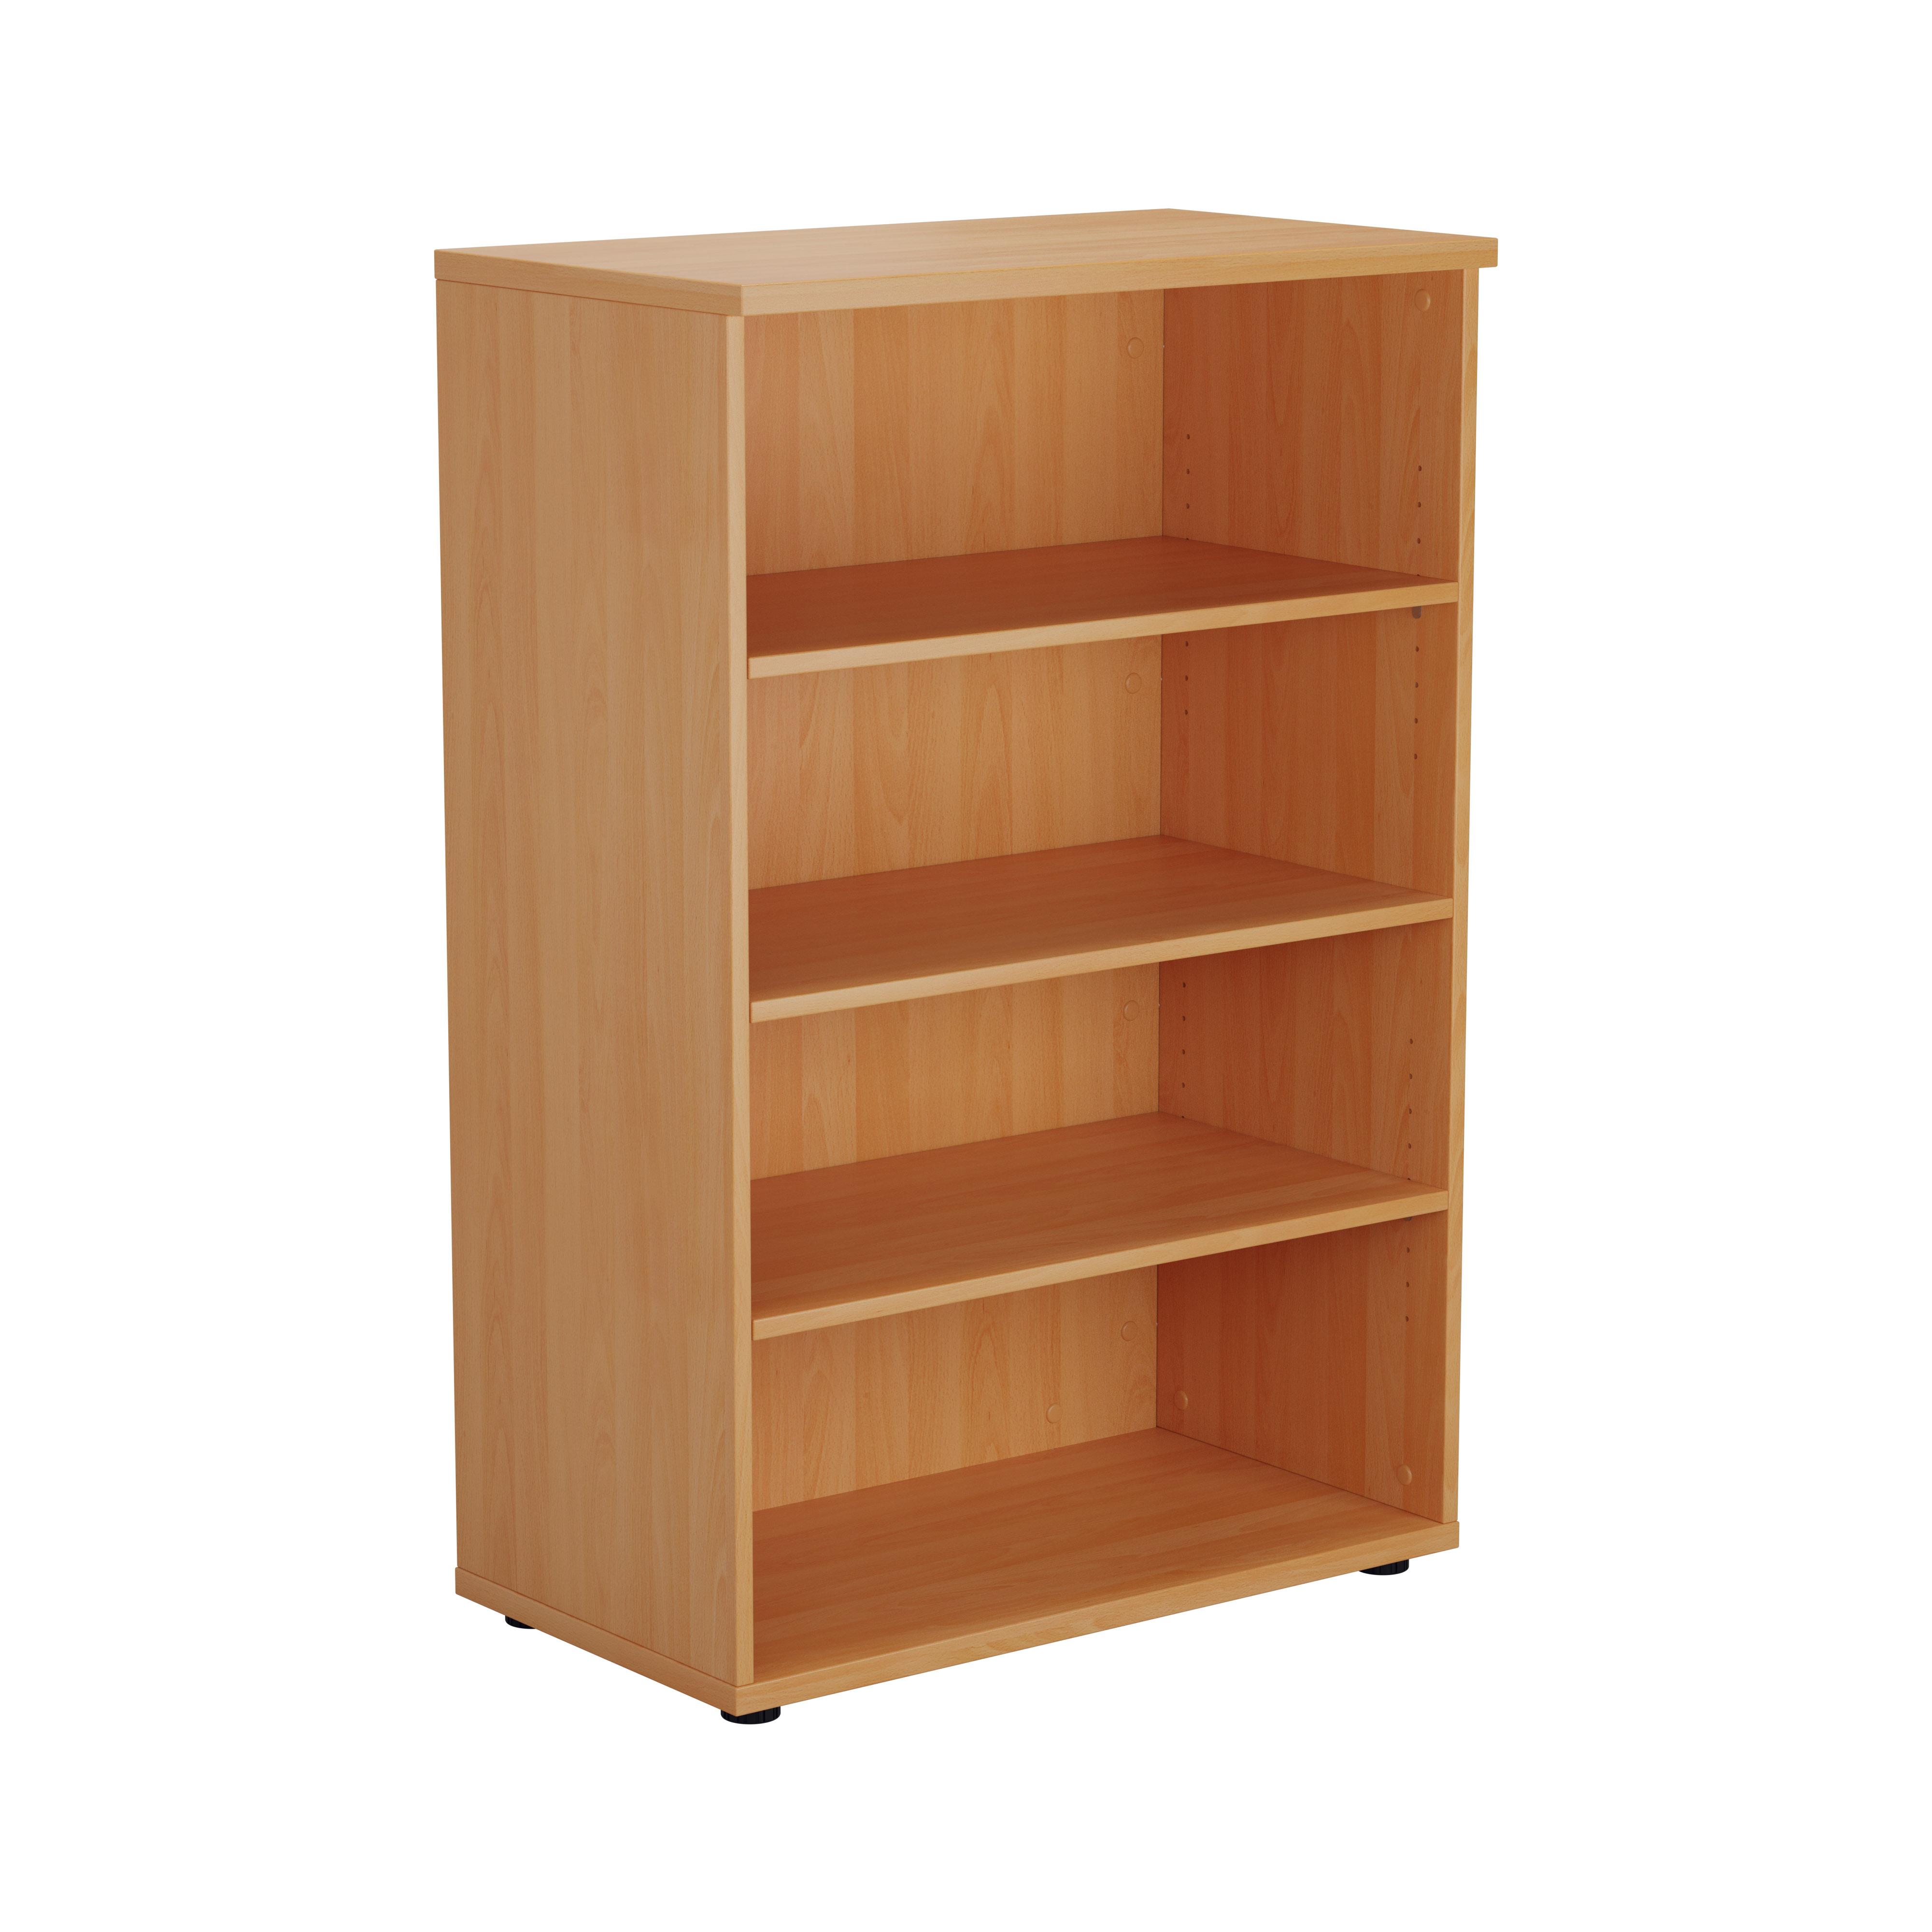 Essentials - 1200mm High Bookcase